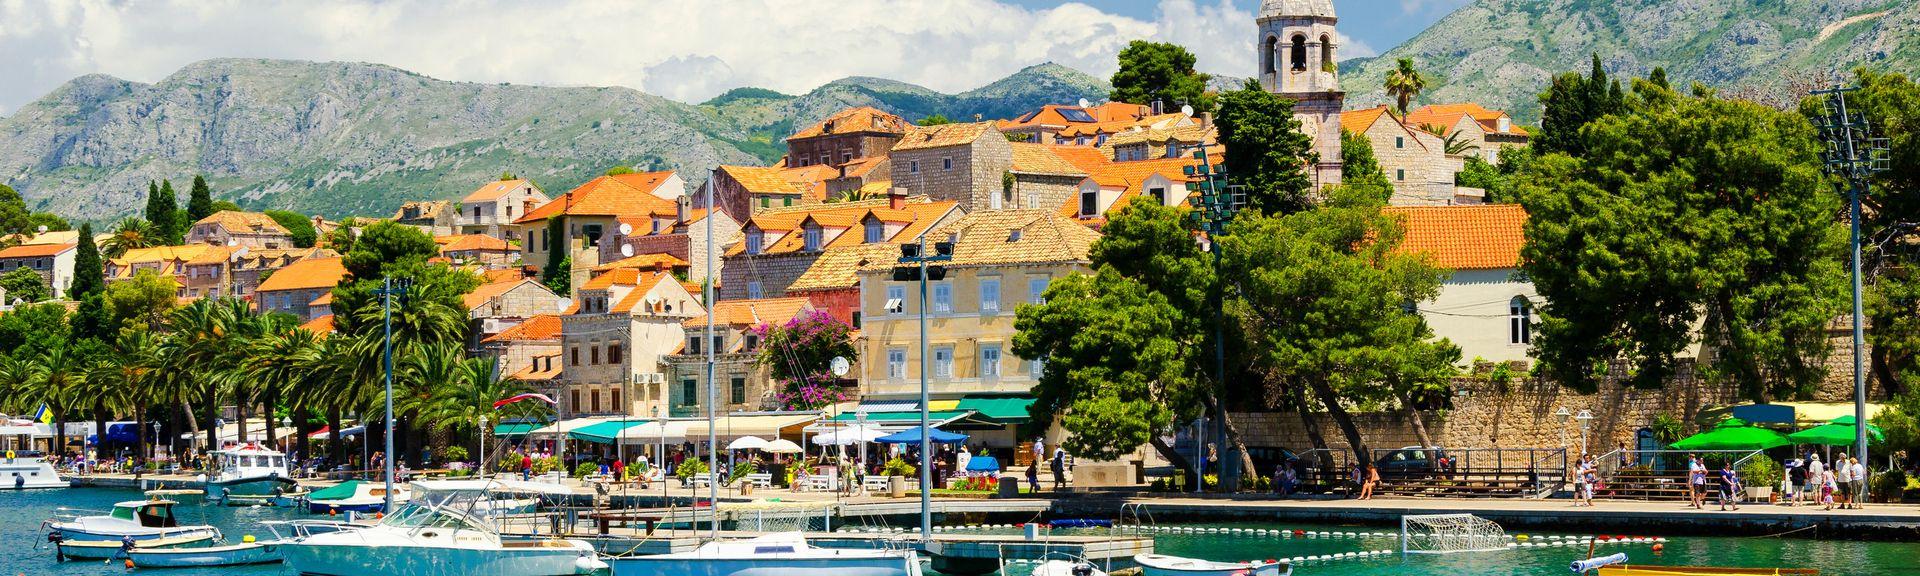 Cavtat, Dubrovnik-Neretvas län, Kroatien